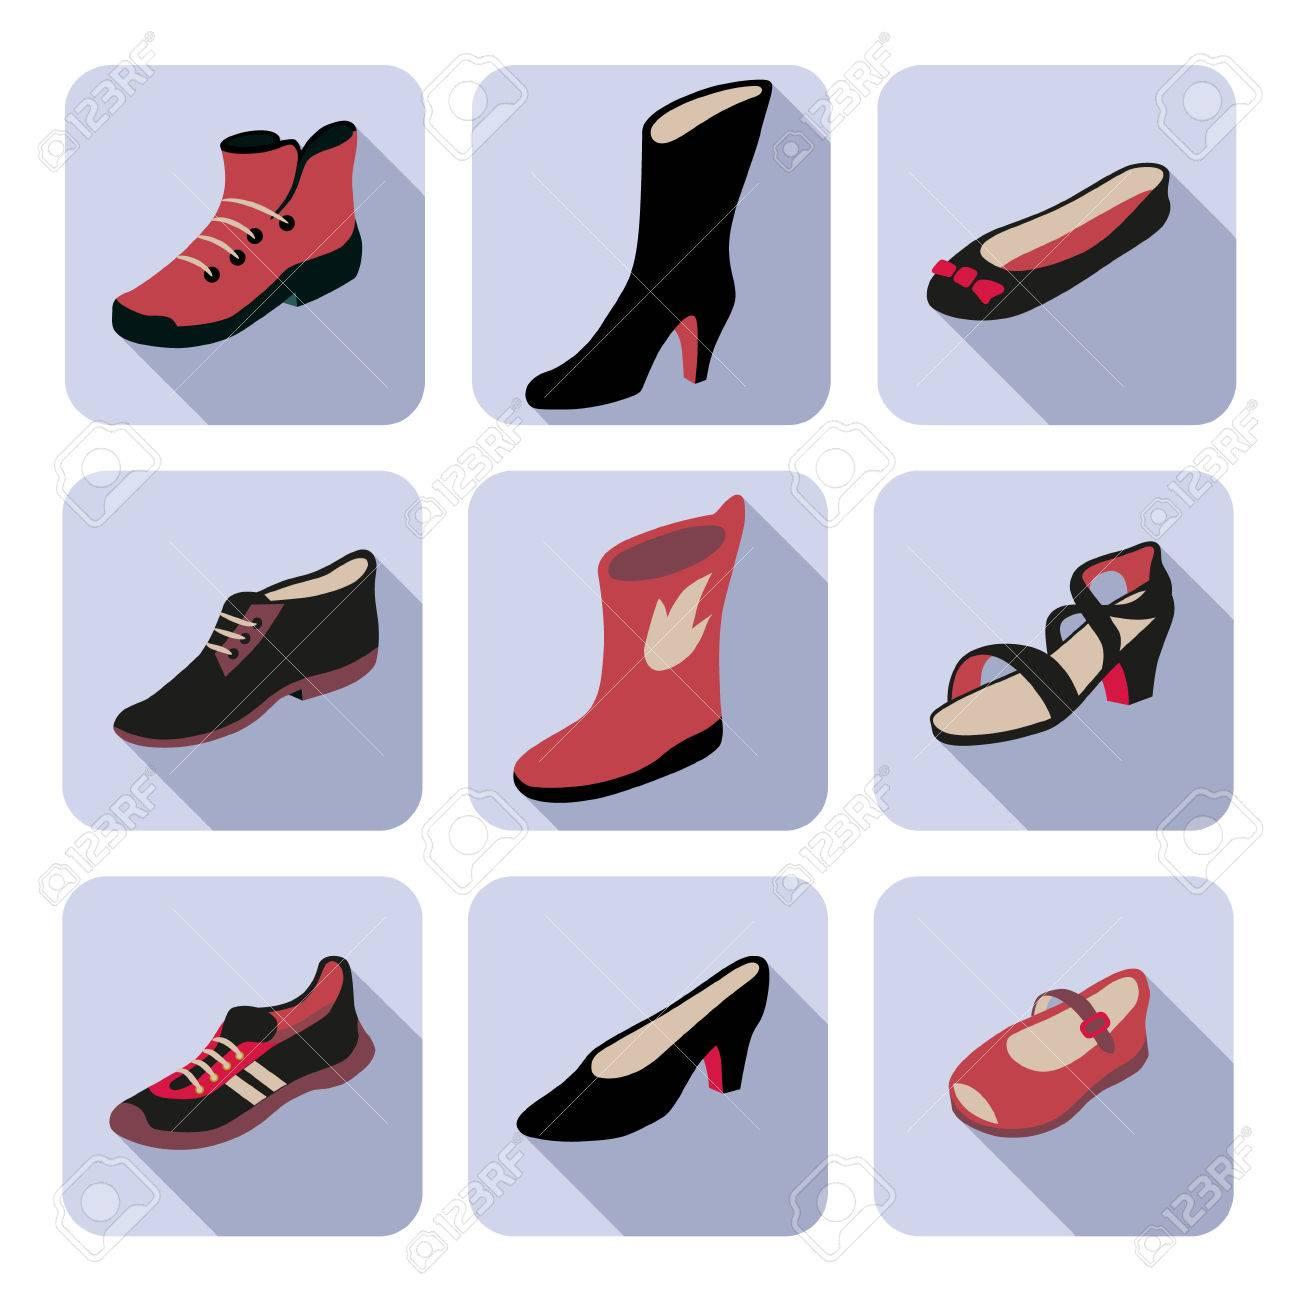 585a35df3 Foto de archivo - Iconos planos con diferentes tipos de zapatos de mujer,  hombre, niños y unisex.